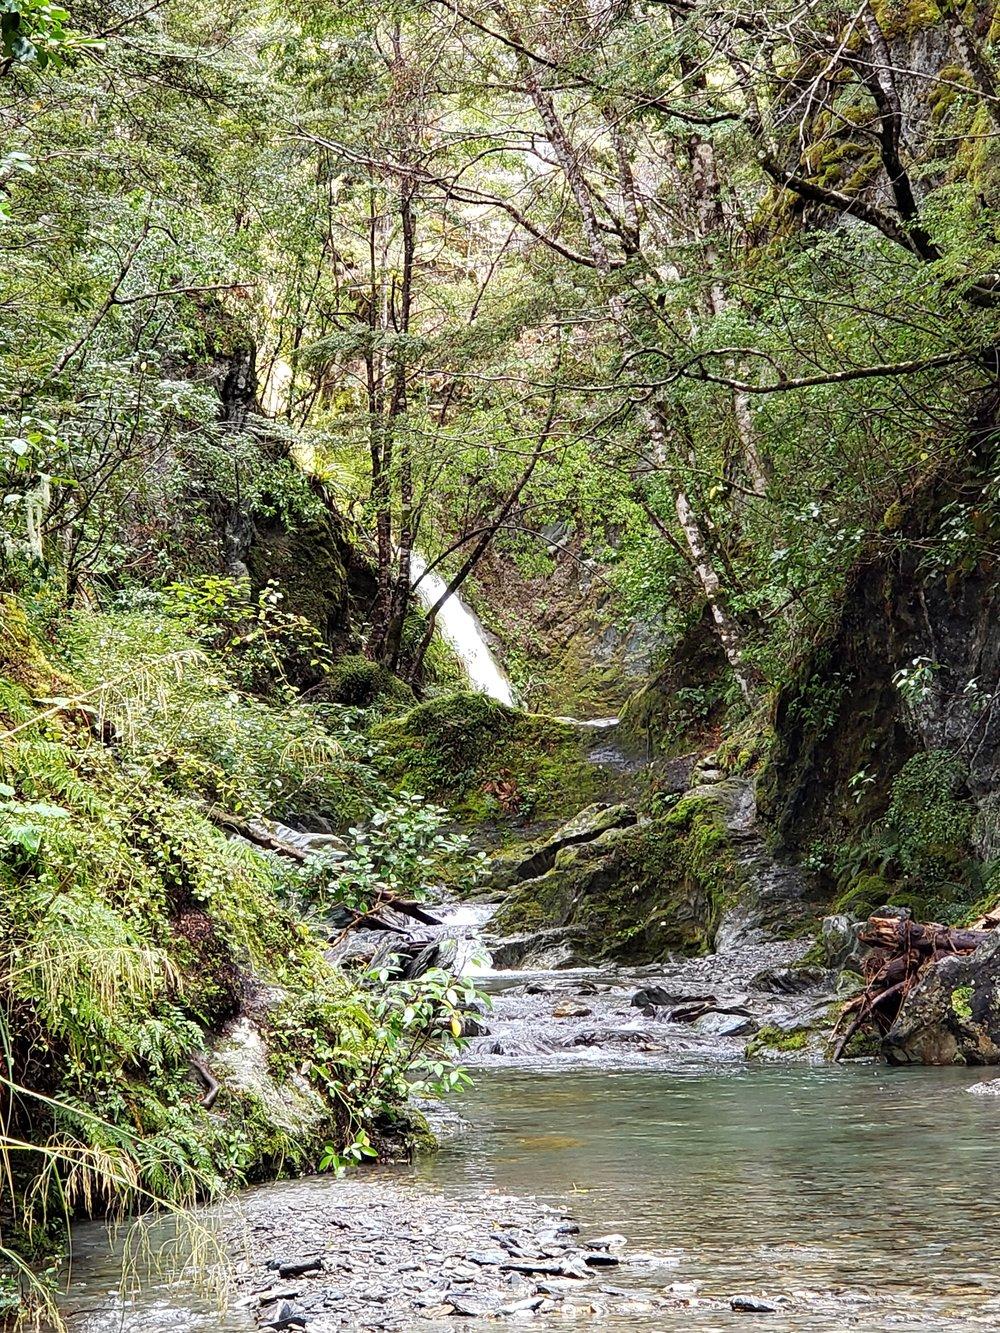 Up stream waterfall